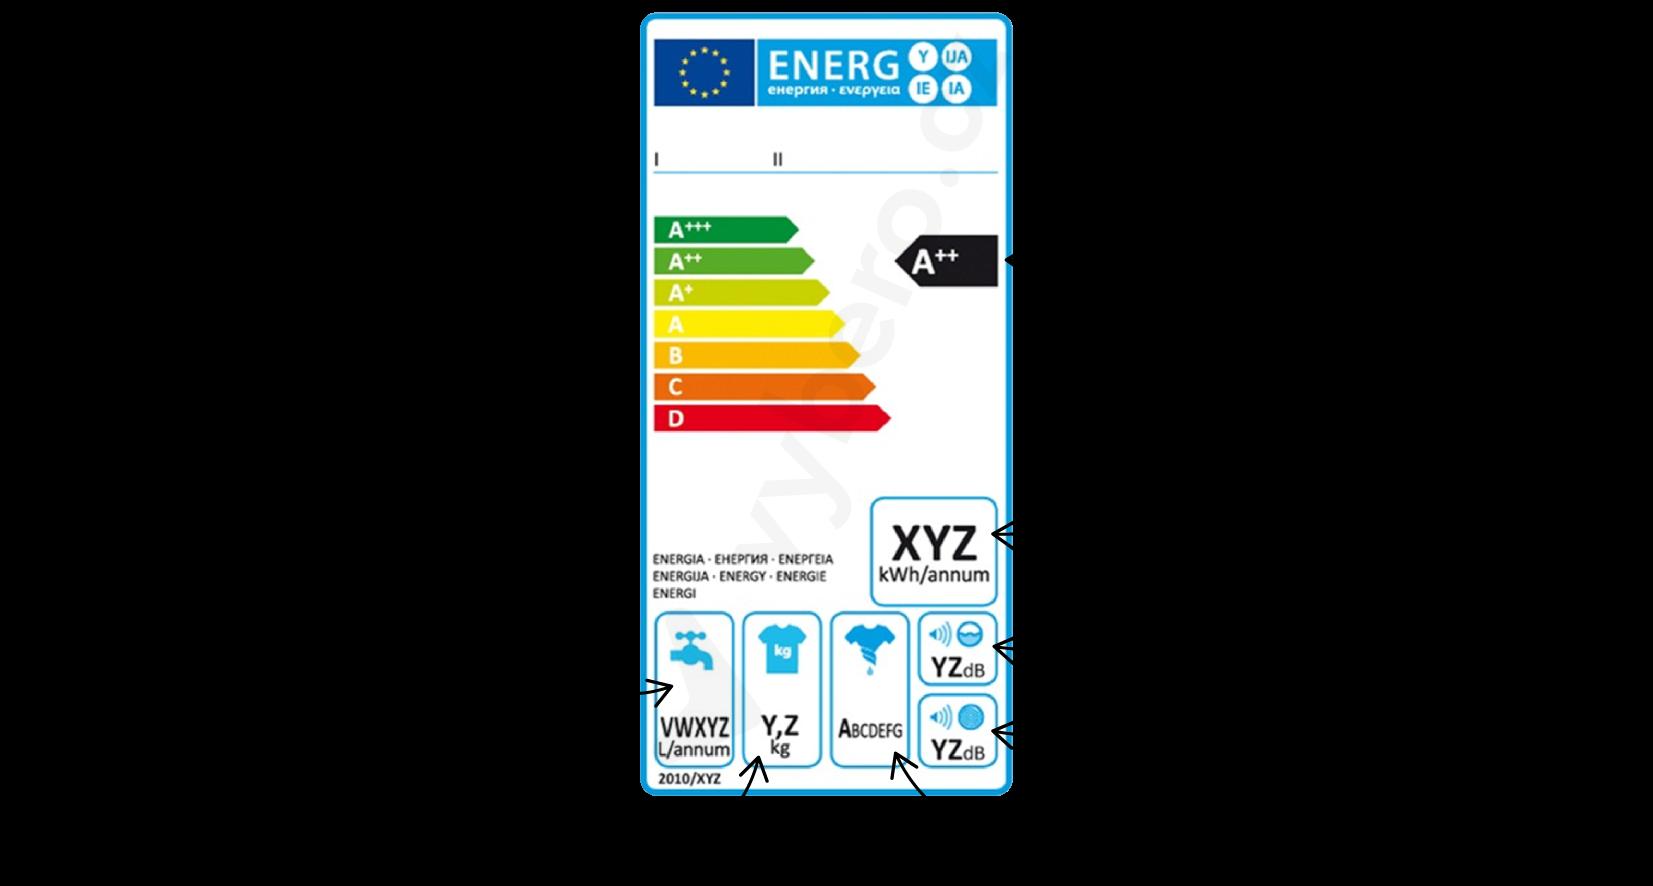 Energetický štítek praček s vysvětlivkami